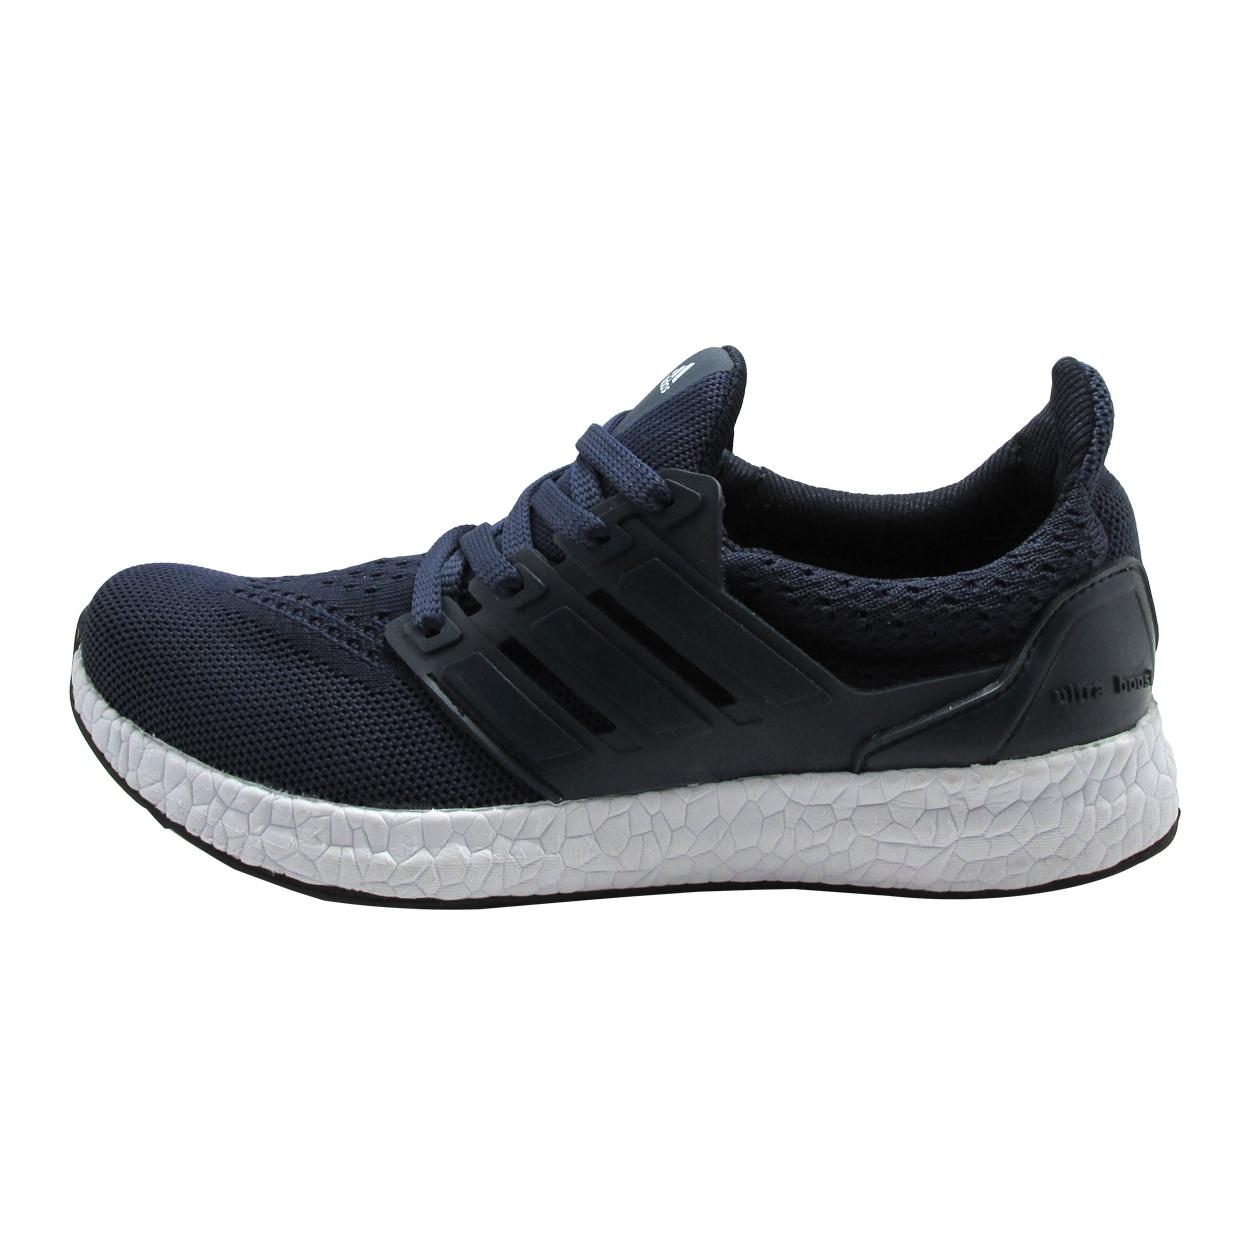 کفش پیاده روی زنانه مدل B22 رنگ آبی تیره